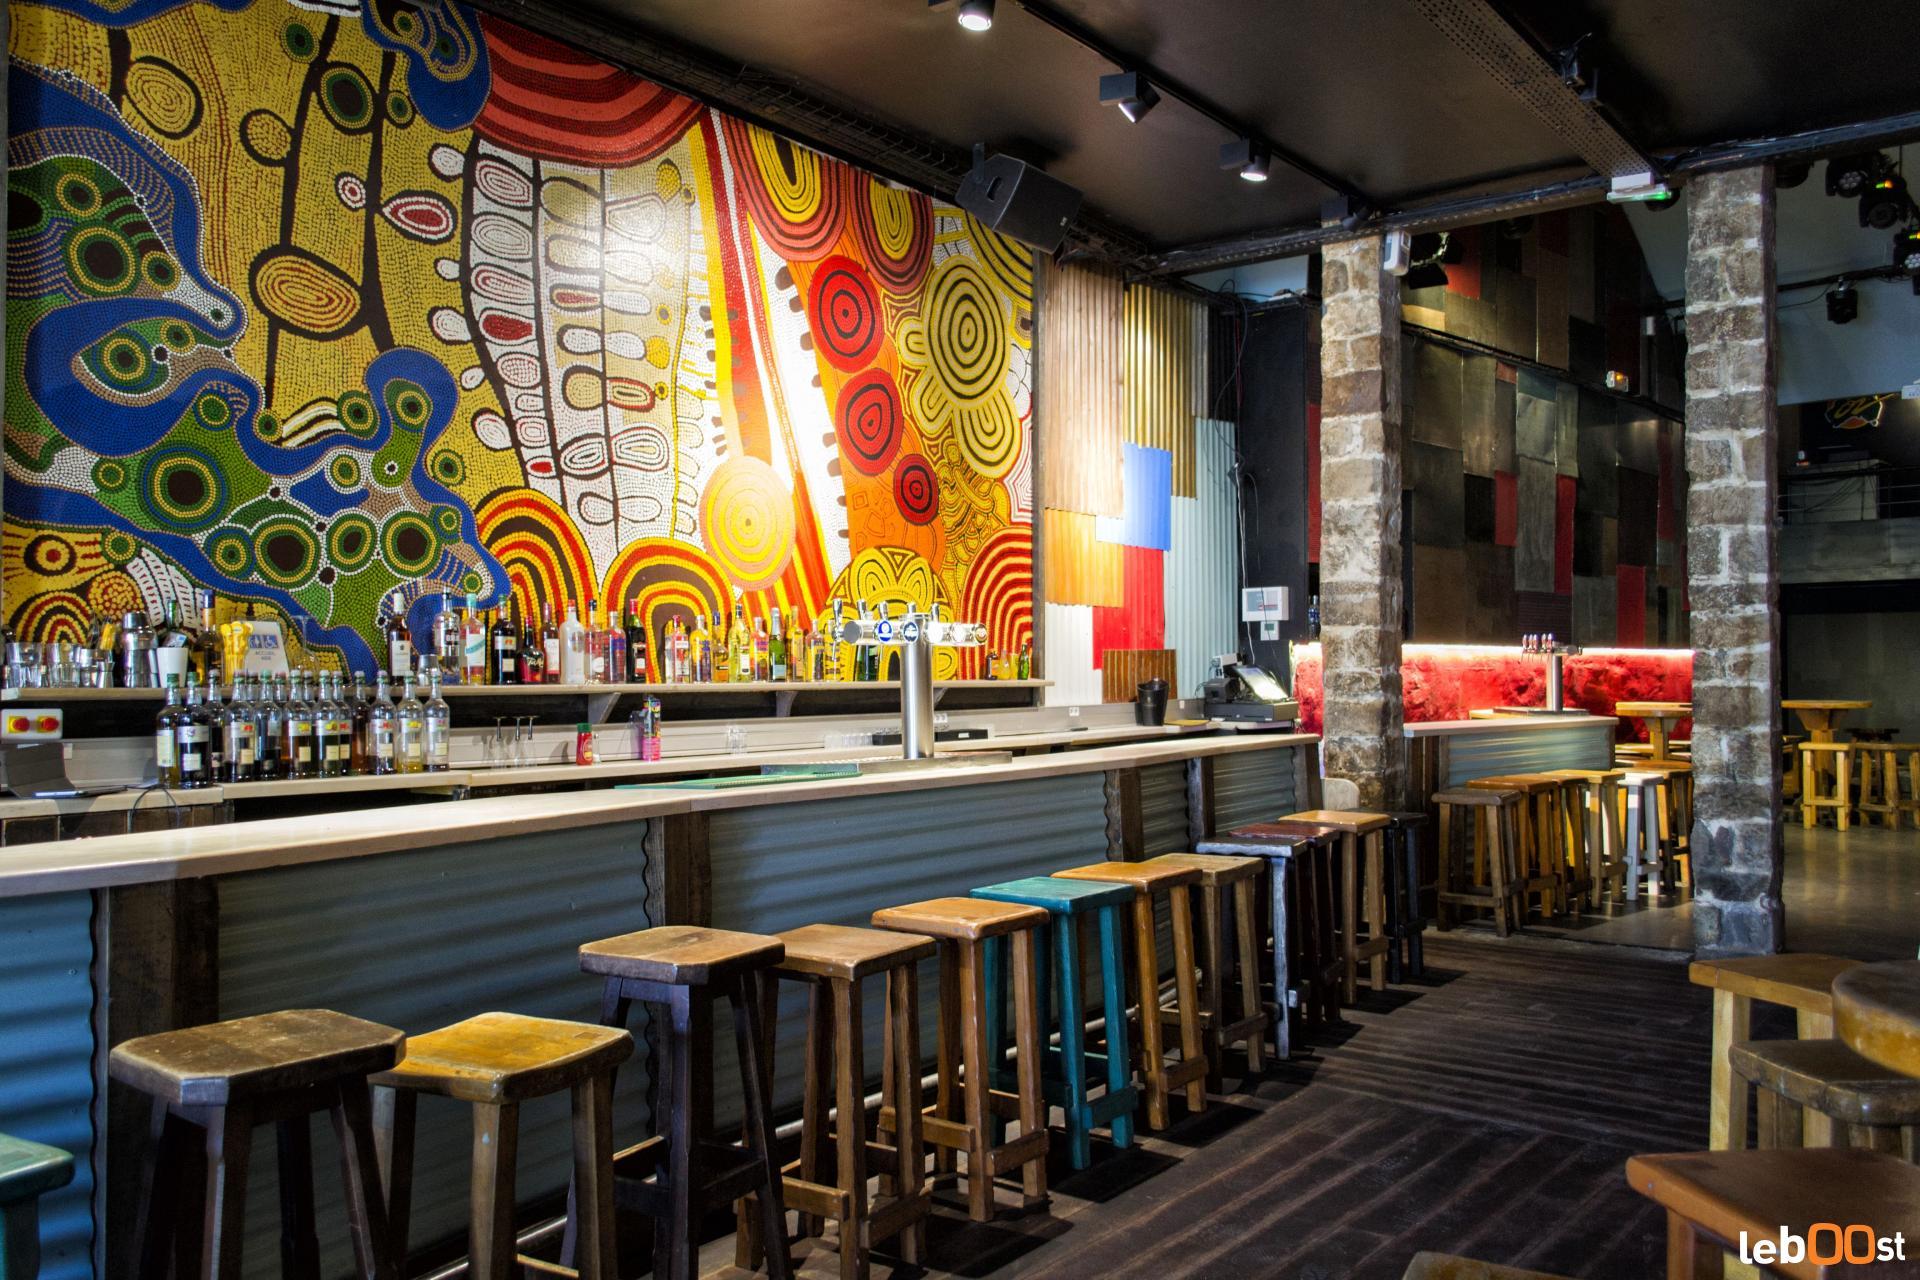 Le Café Oz's interior | Courtesry of Le Café Oz